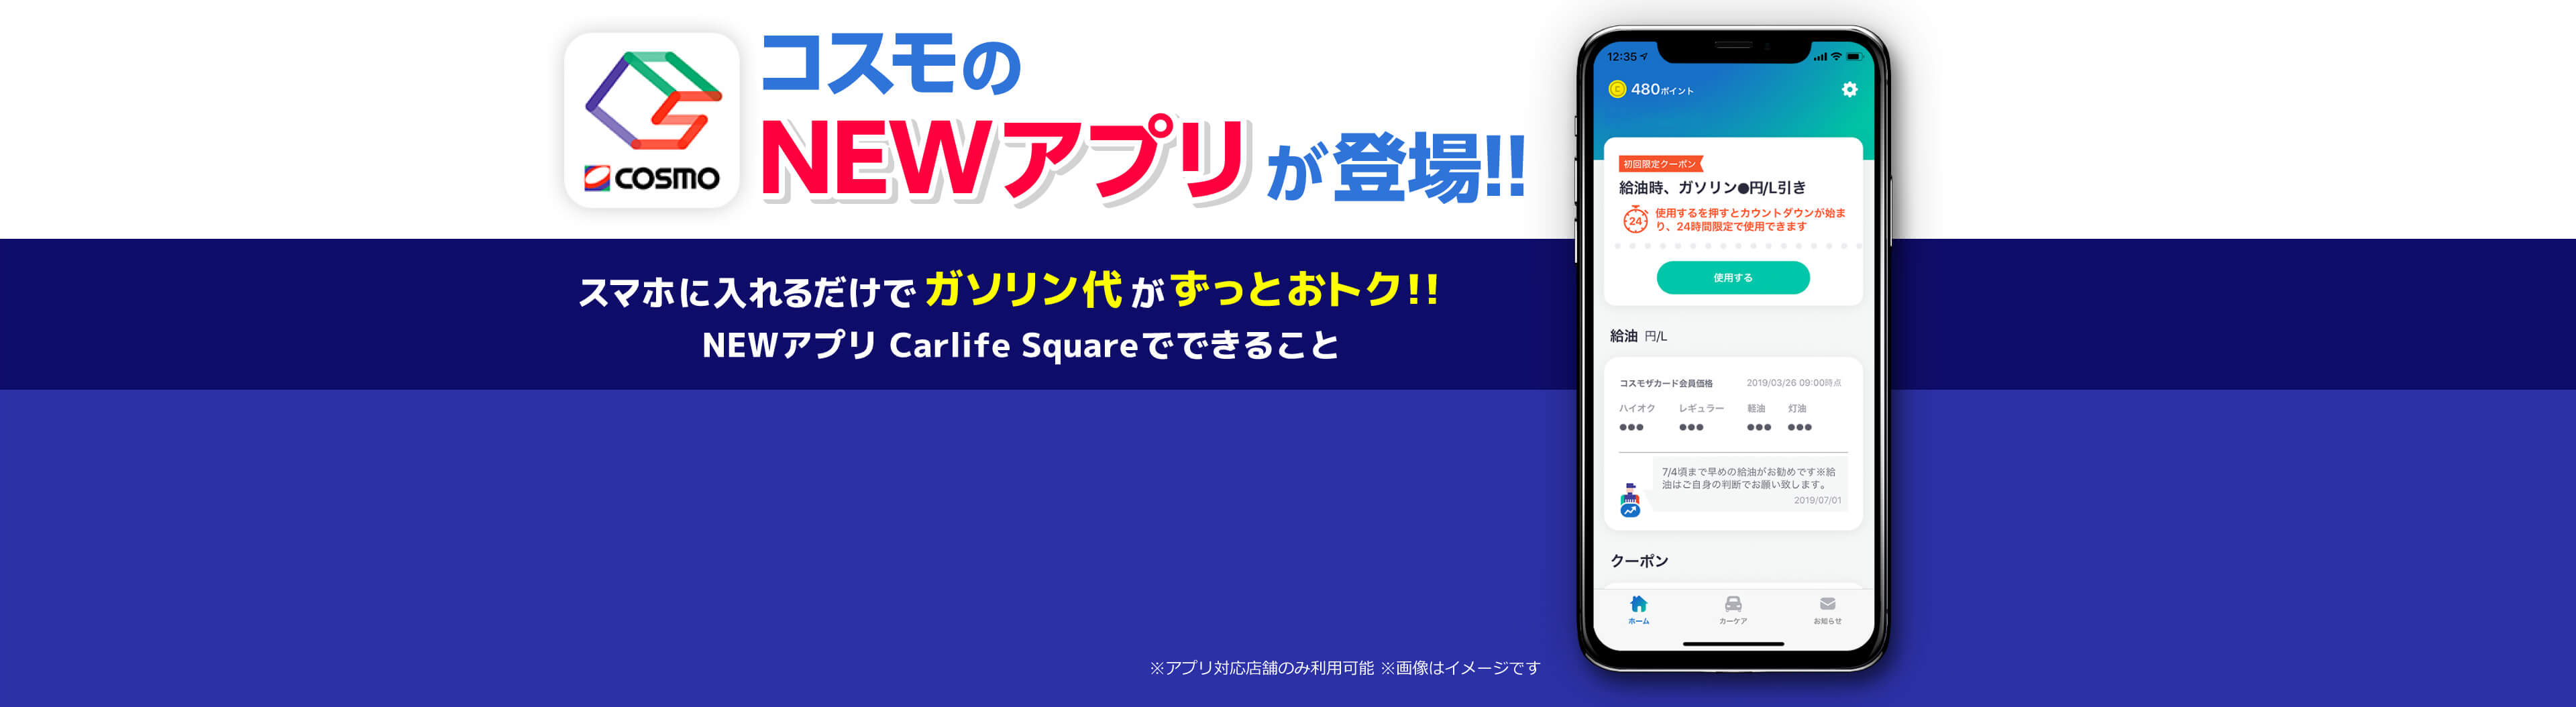 COSMO コスモのNEWアプリが登場!! スマホに入れるだけでガソリン代がずっとおトク!! NEWアプリ Carlife Squareでできること ※アプリ対応店舗のみ利用可能 ※画像はイメージです